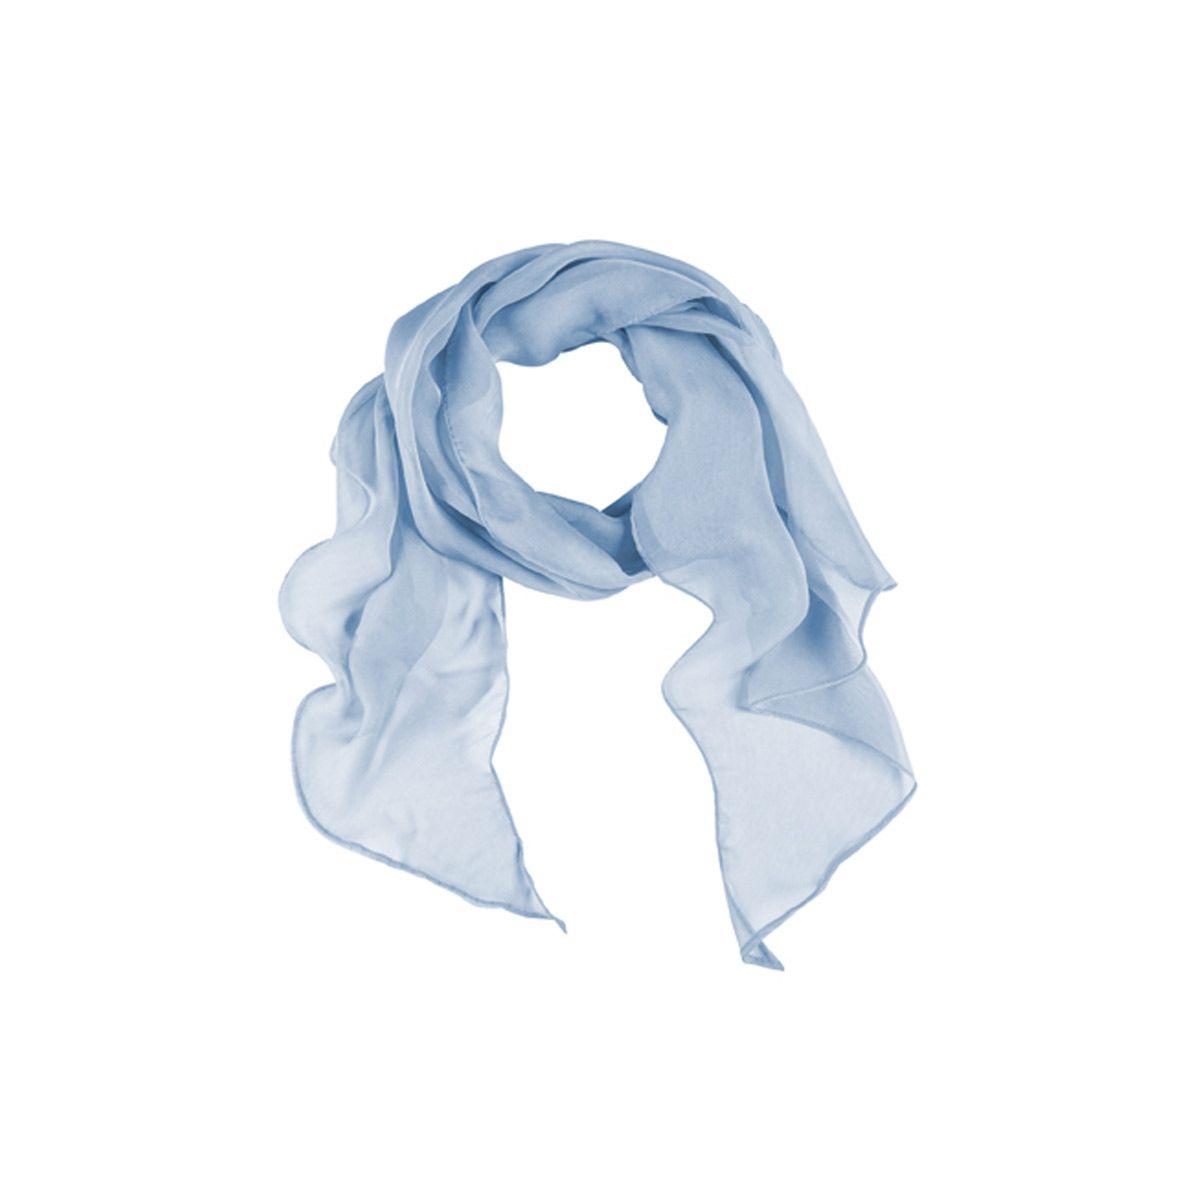 22d0167ade82 Foulard bleu clair femme 6916 est un accessoire de vêtement de travail  moderne, c est la spécialité de SPIQ. Retrouvez d autres modèles sur spiq.fr